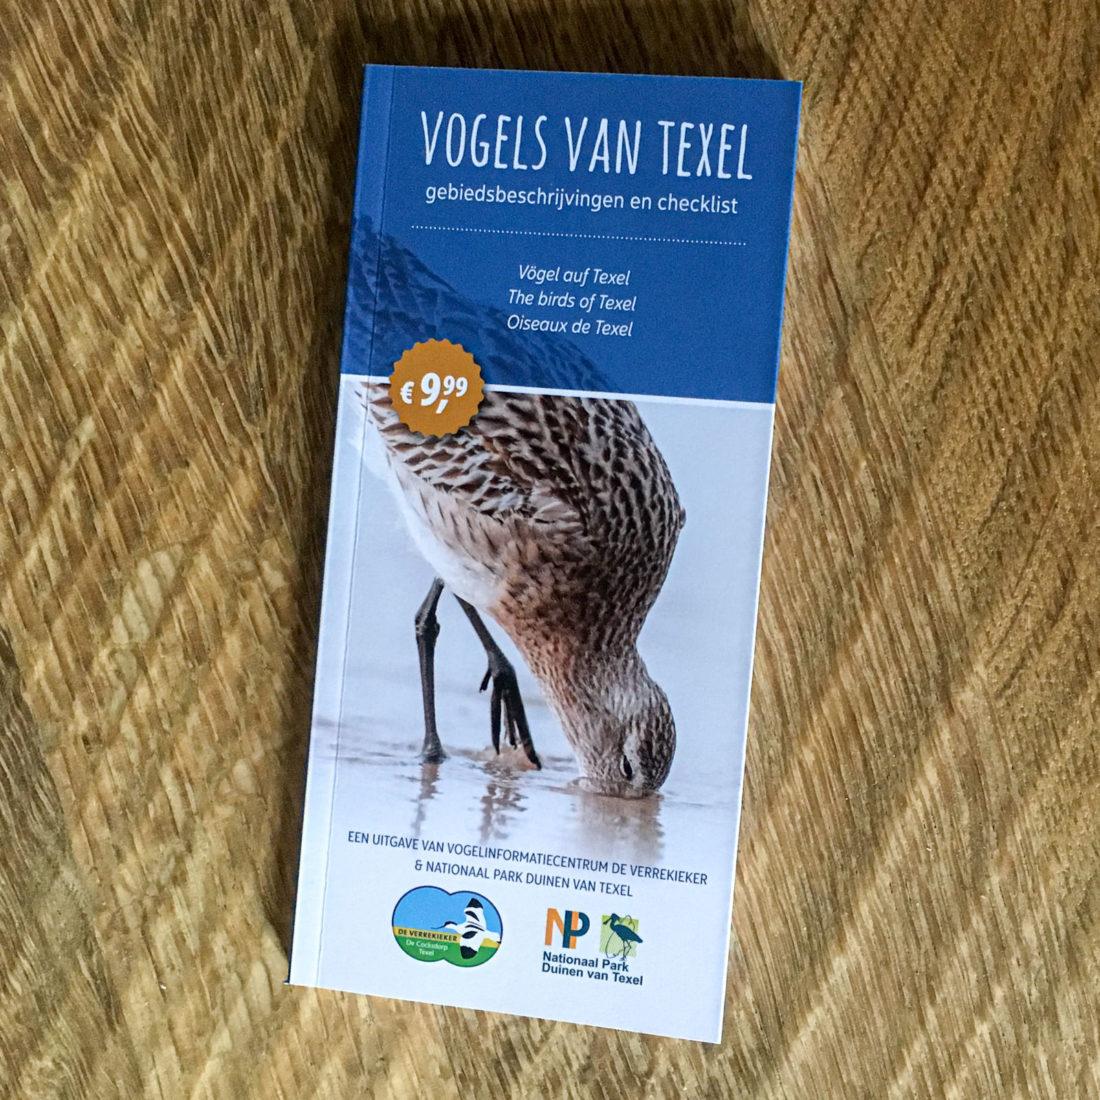 """Der Führer """"Vögel auf Texel"""" hilft unter anderem bei der Bestimmung der Vogelarten"""